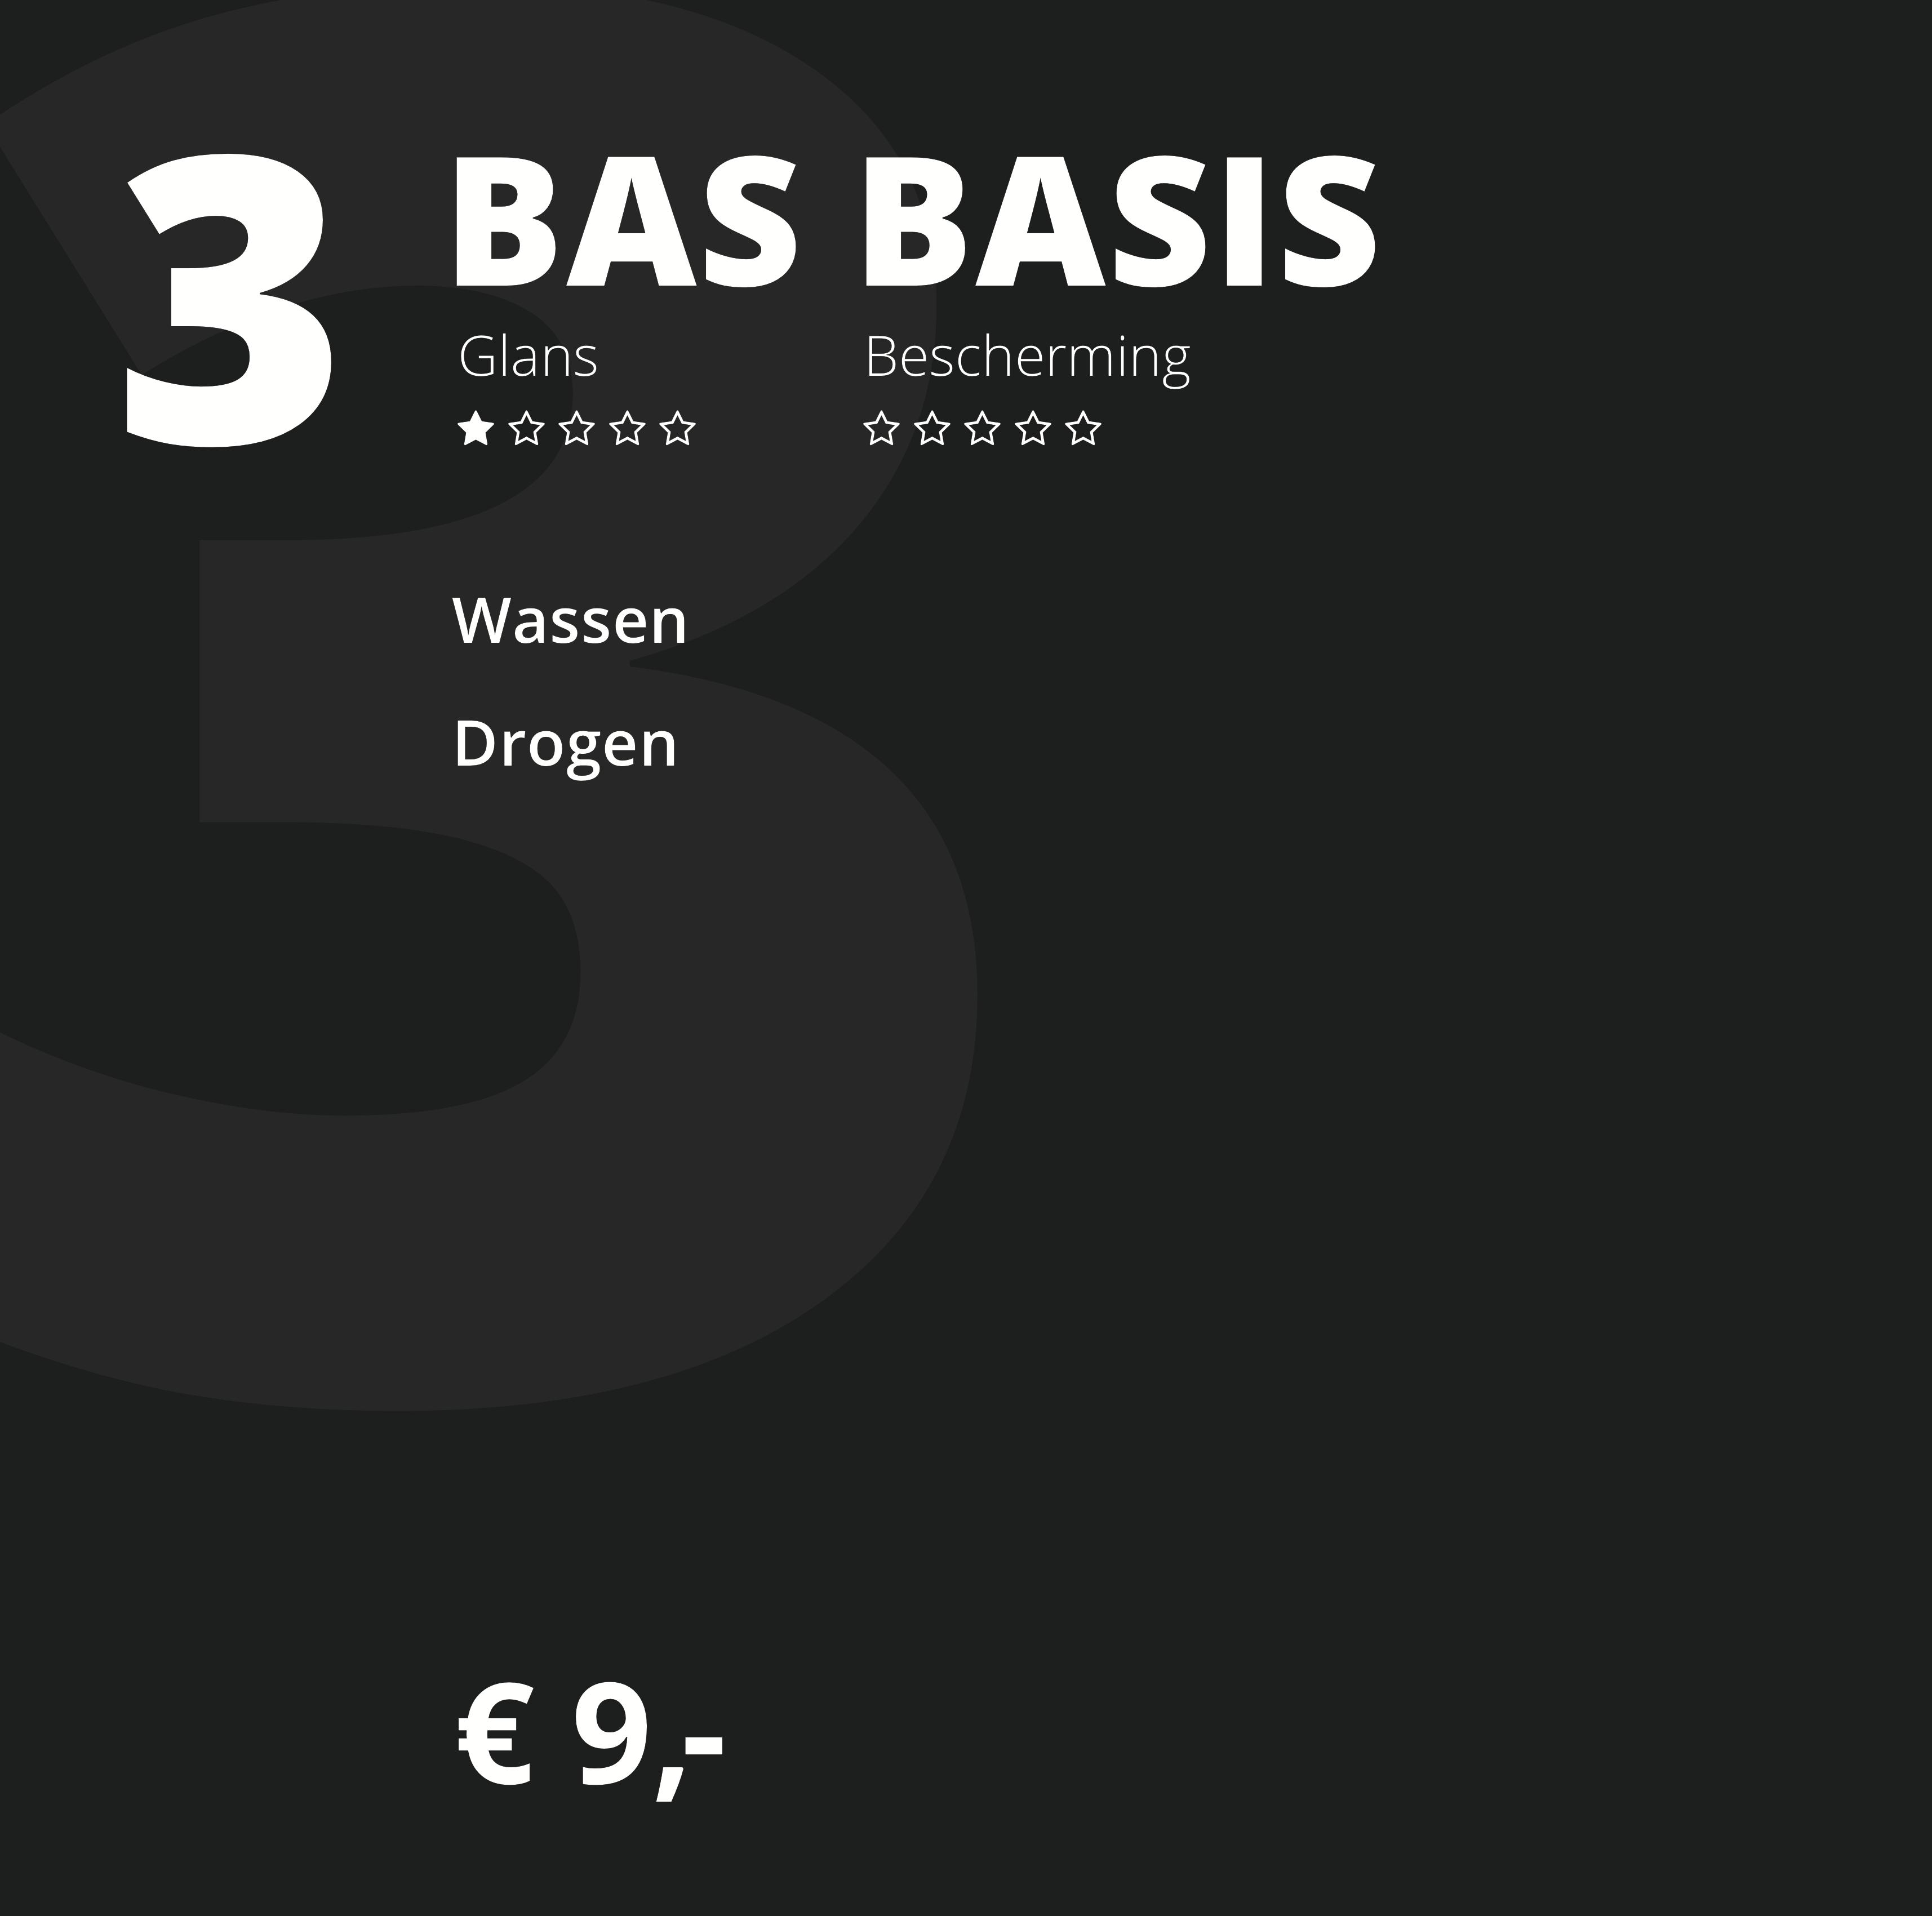 BasAutowas-Programma-3-Bas-Basis